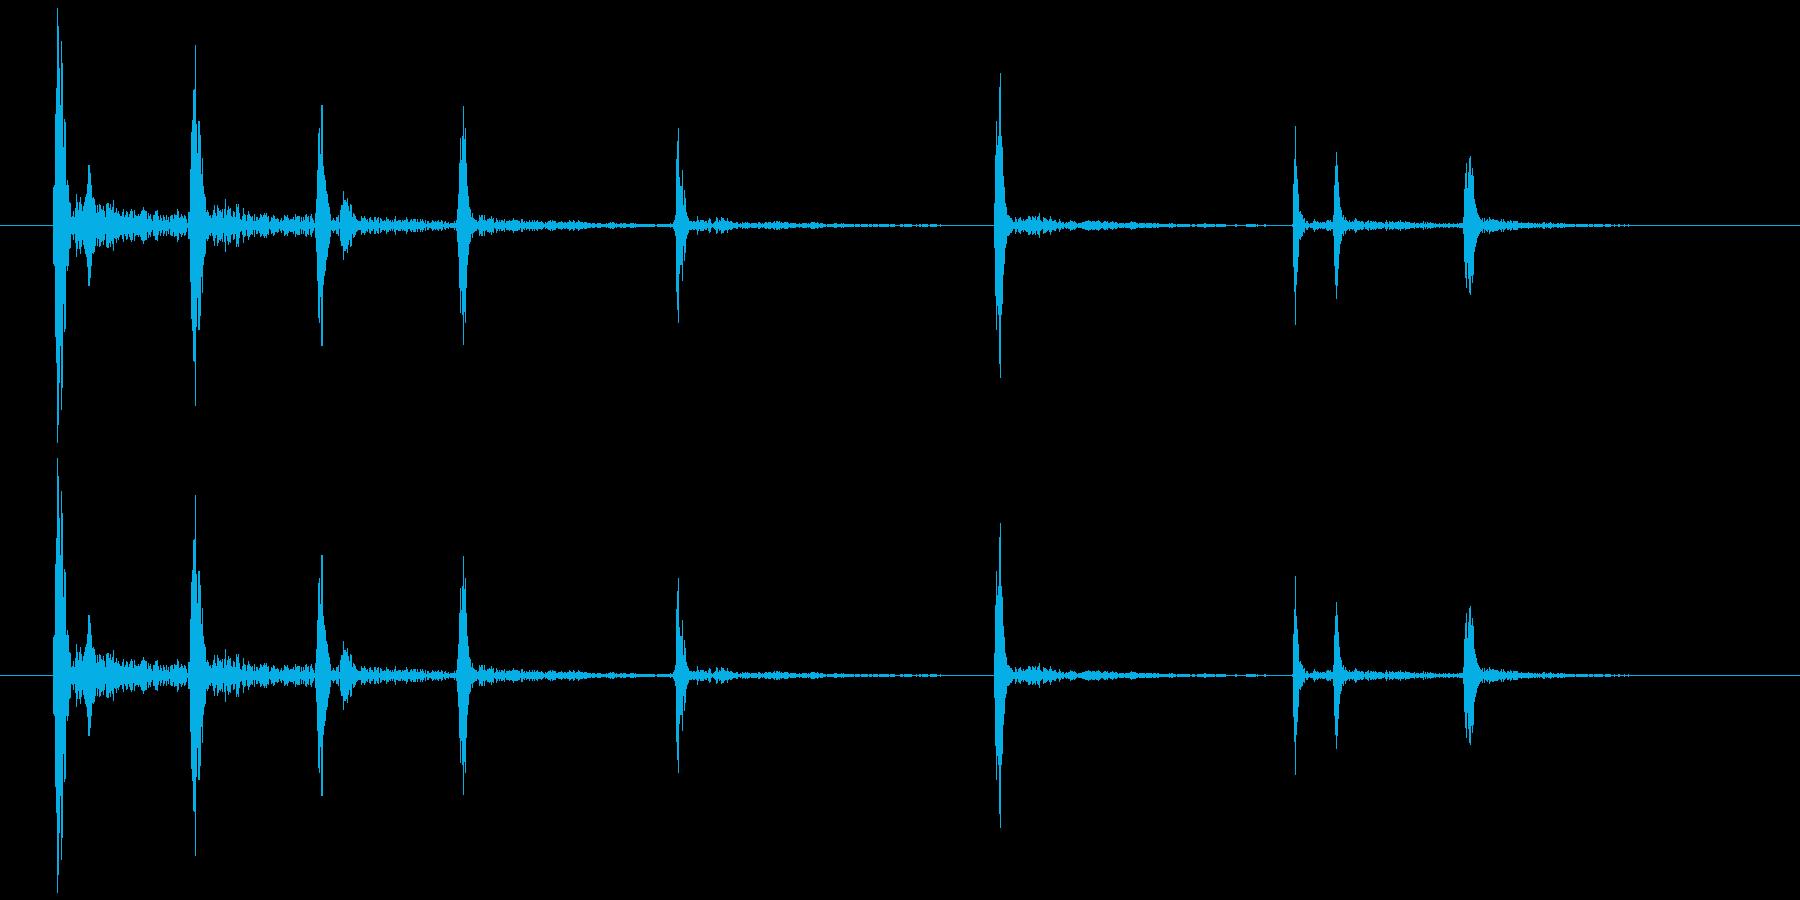 ハンドグリッパーのキリキリときしむ音の再生済みの波形